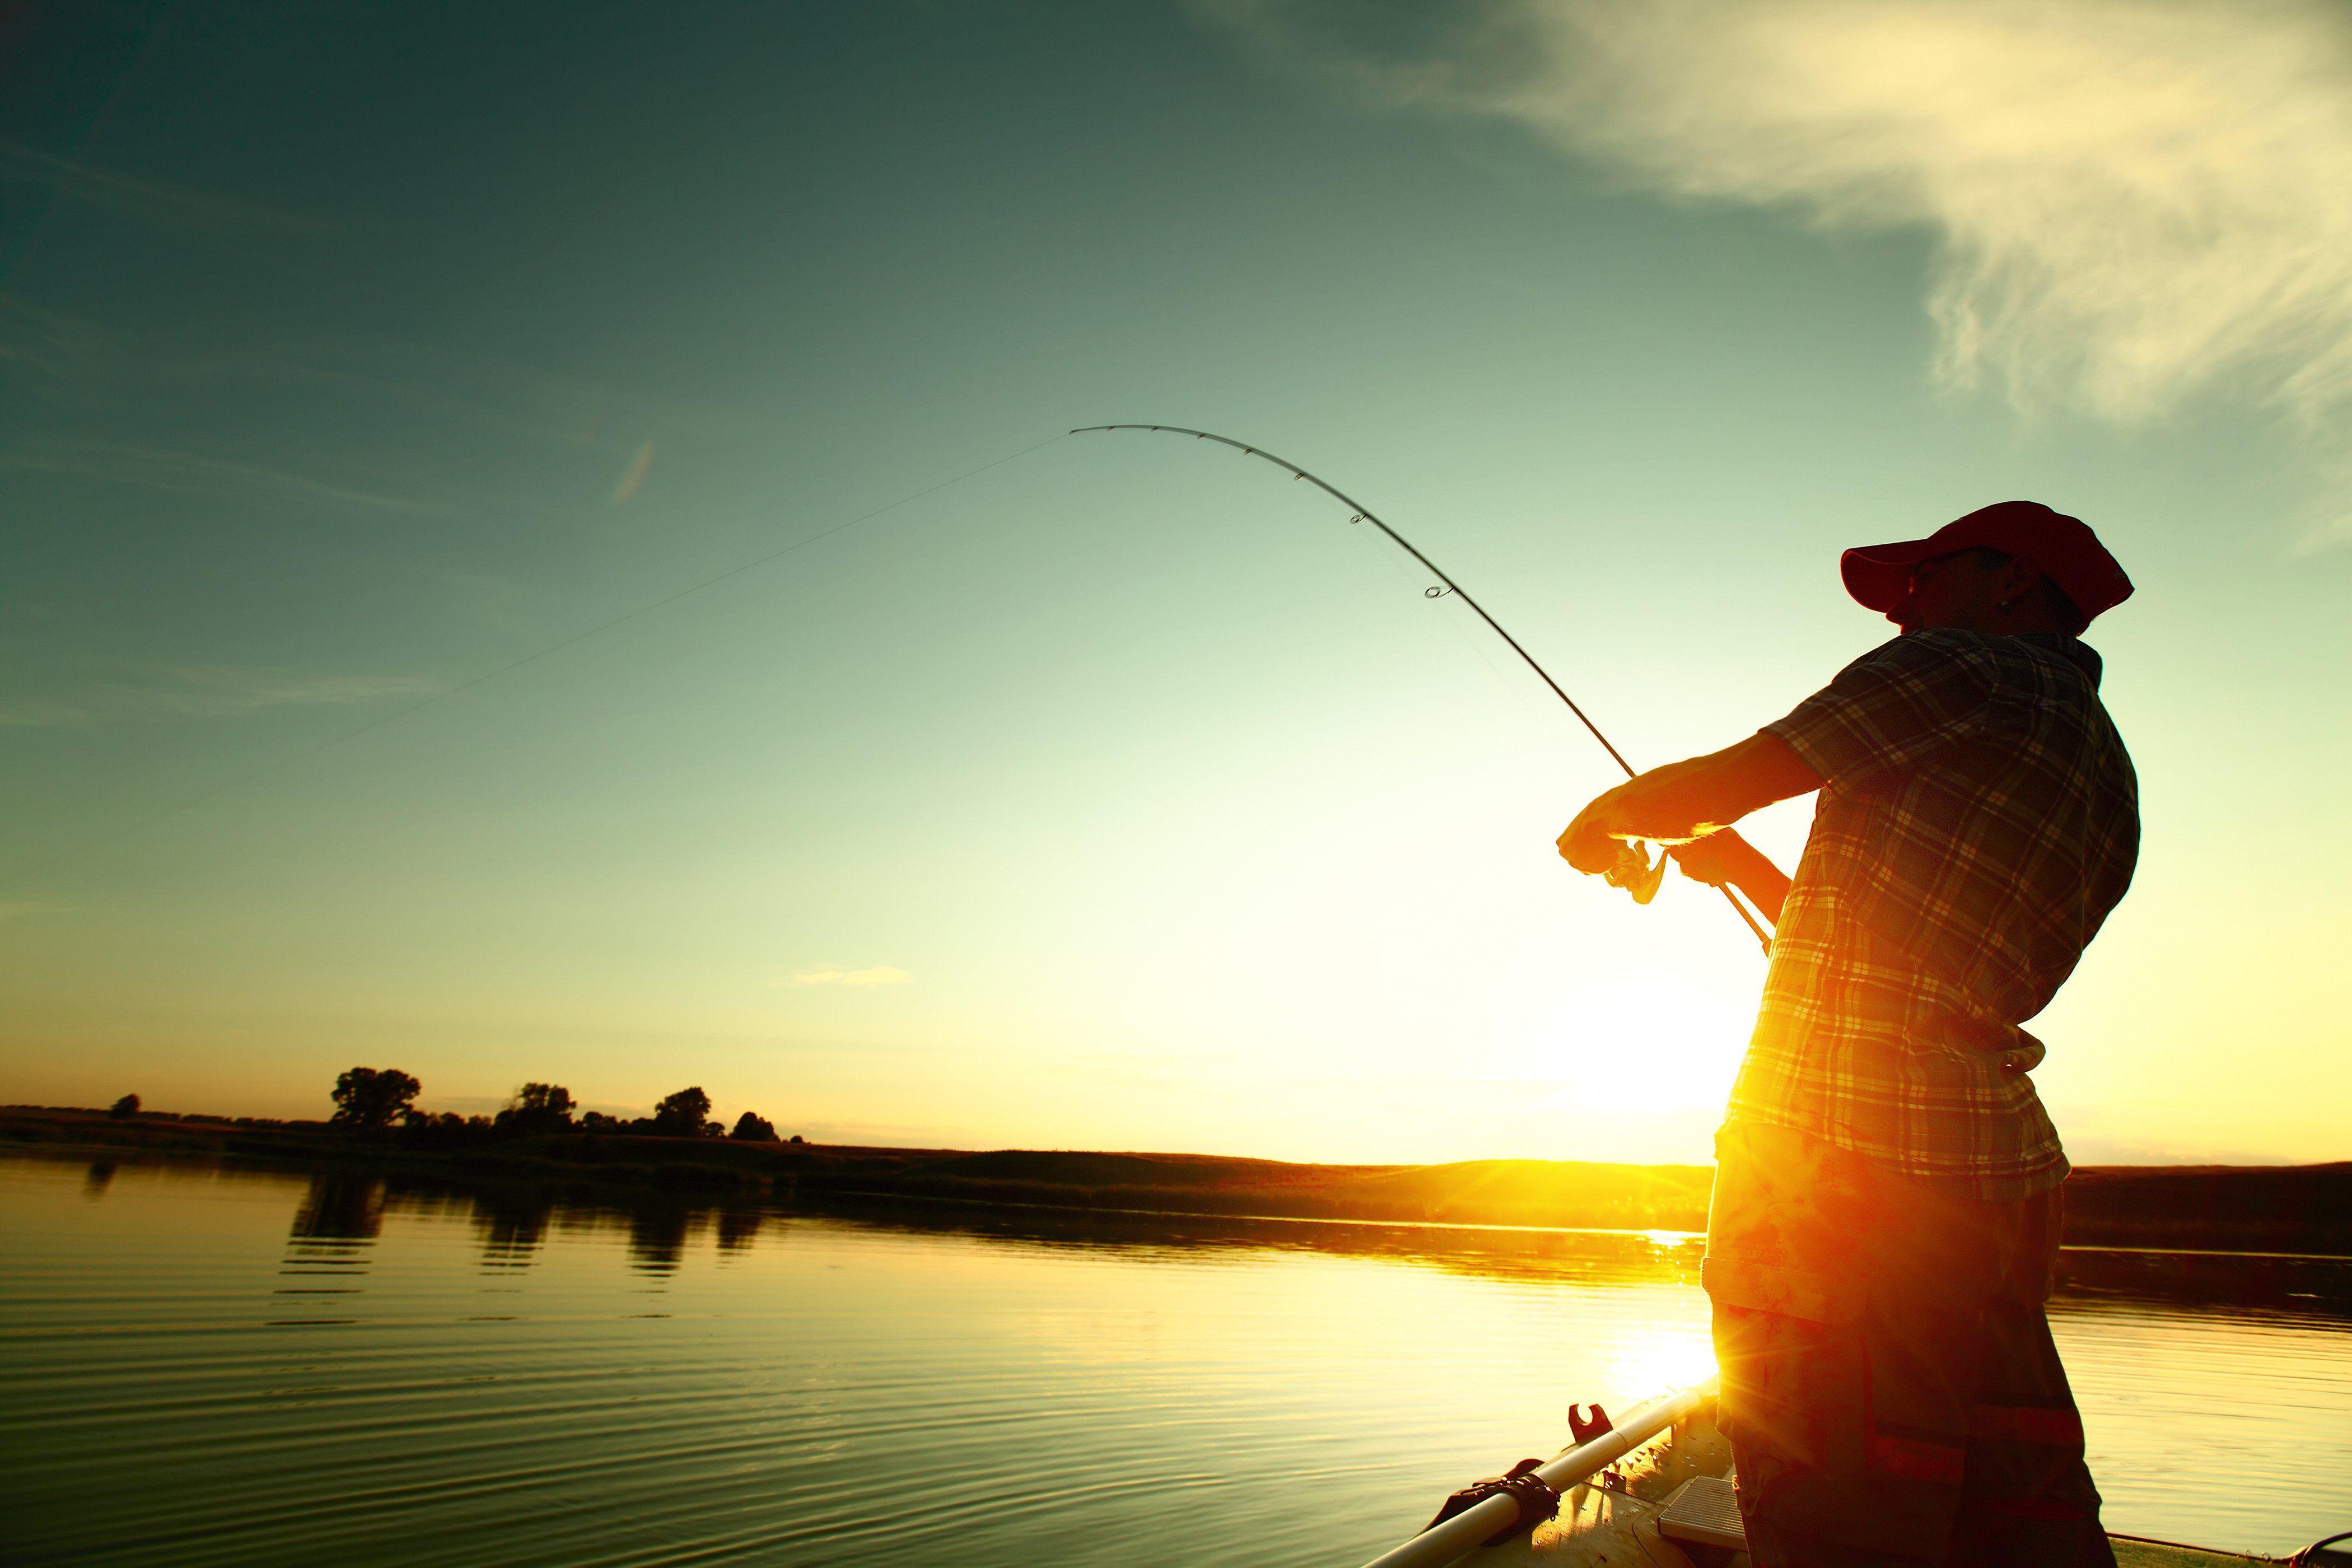 Fishing Wallpaper Full Hd For Desktop Wallpaper Best Hobbies For Men Crappie Fishing Tips Crappie Fishing